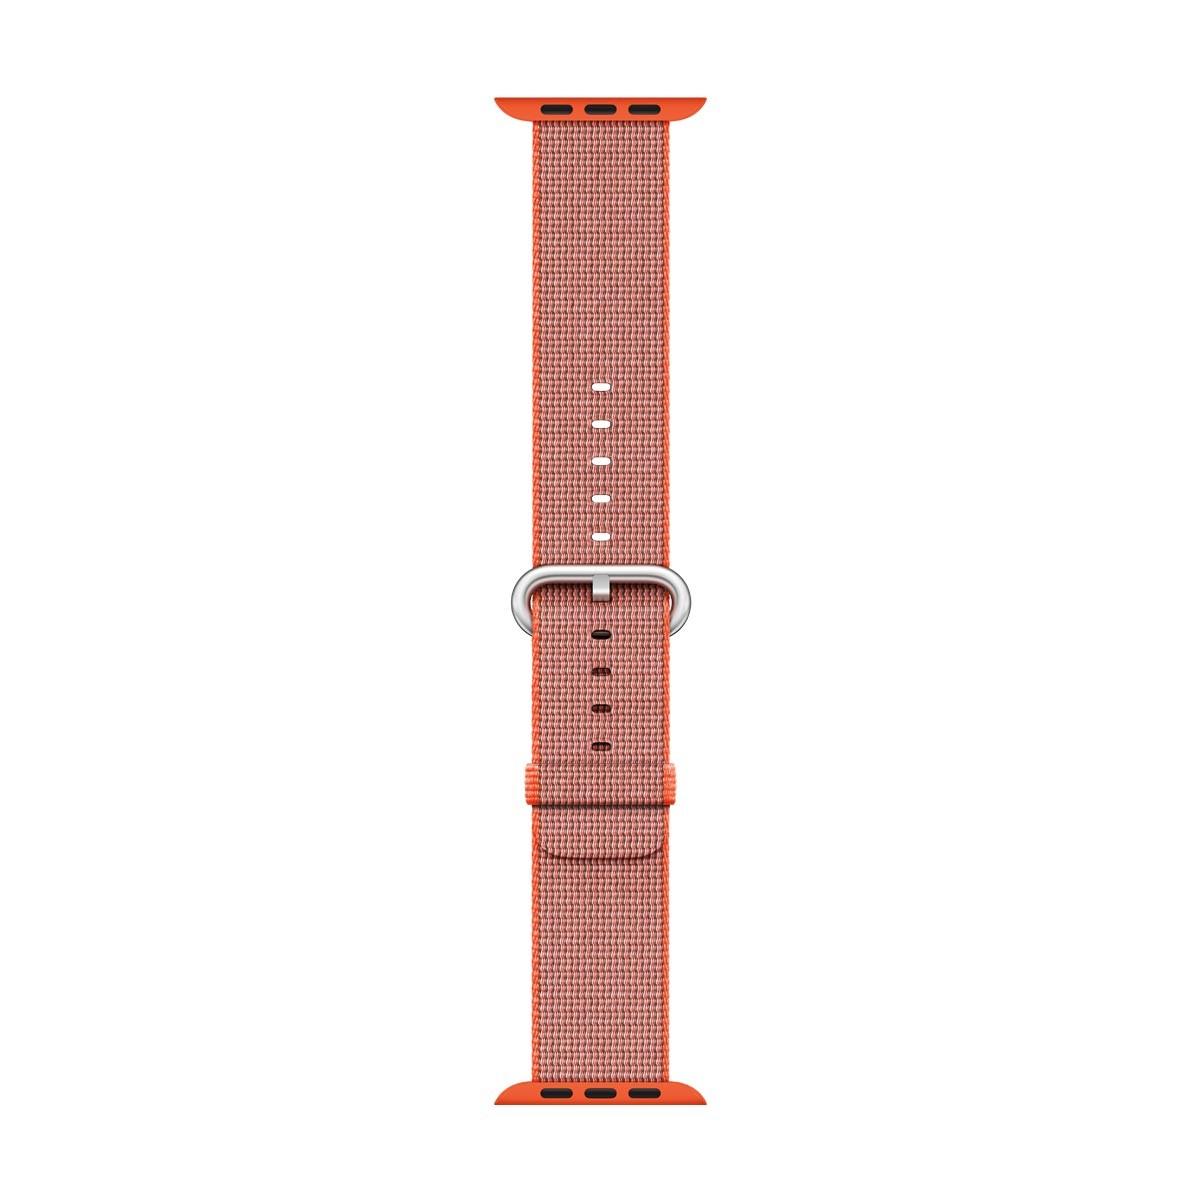 Apple - 42mm vesmírně oranžový / antracitově šedý řemínek z tkaného nylonu